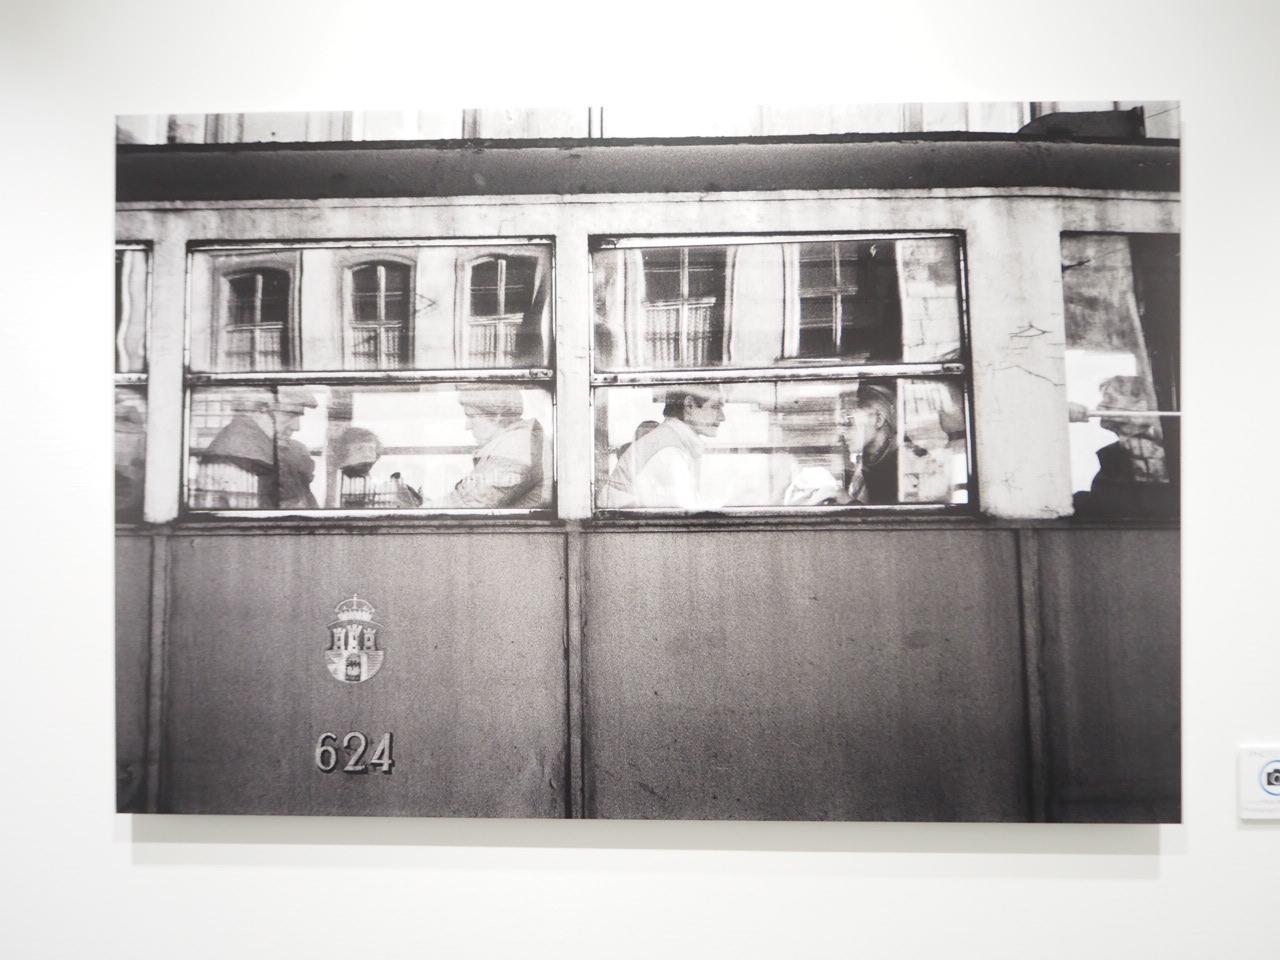 画像4: 大石芳野写真展「戦禍の記憶」 ●開催中〜2019年5月12(日)●於:東京都写真美術館